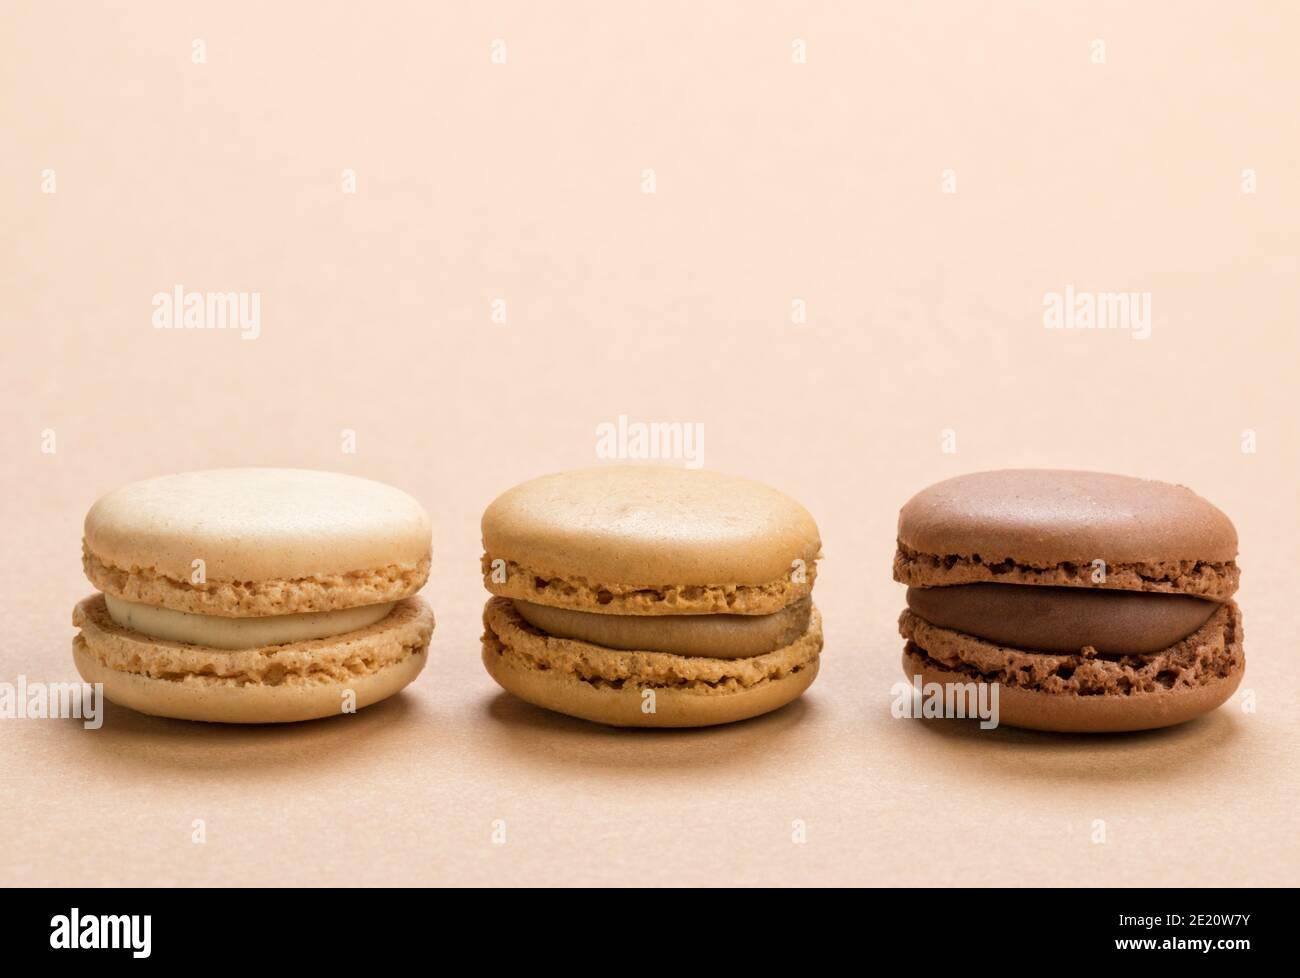 Gros plan de pâte de macarons fourrée de vanille, de café et de sauce au chocolat sur fond brun clair Banque D'Images